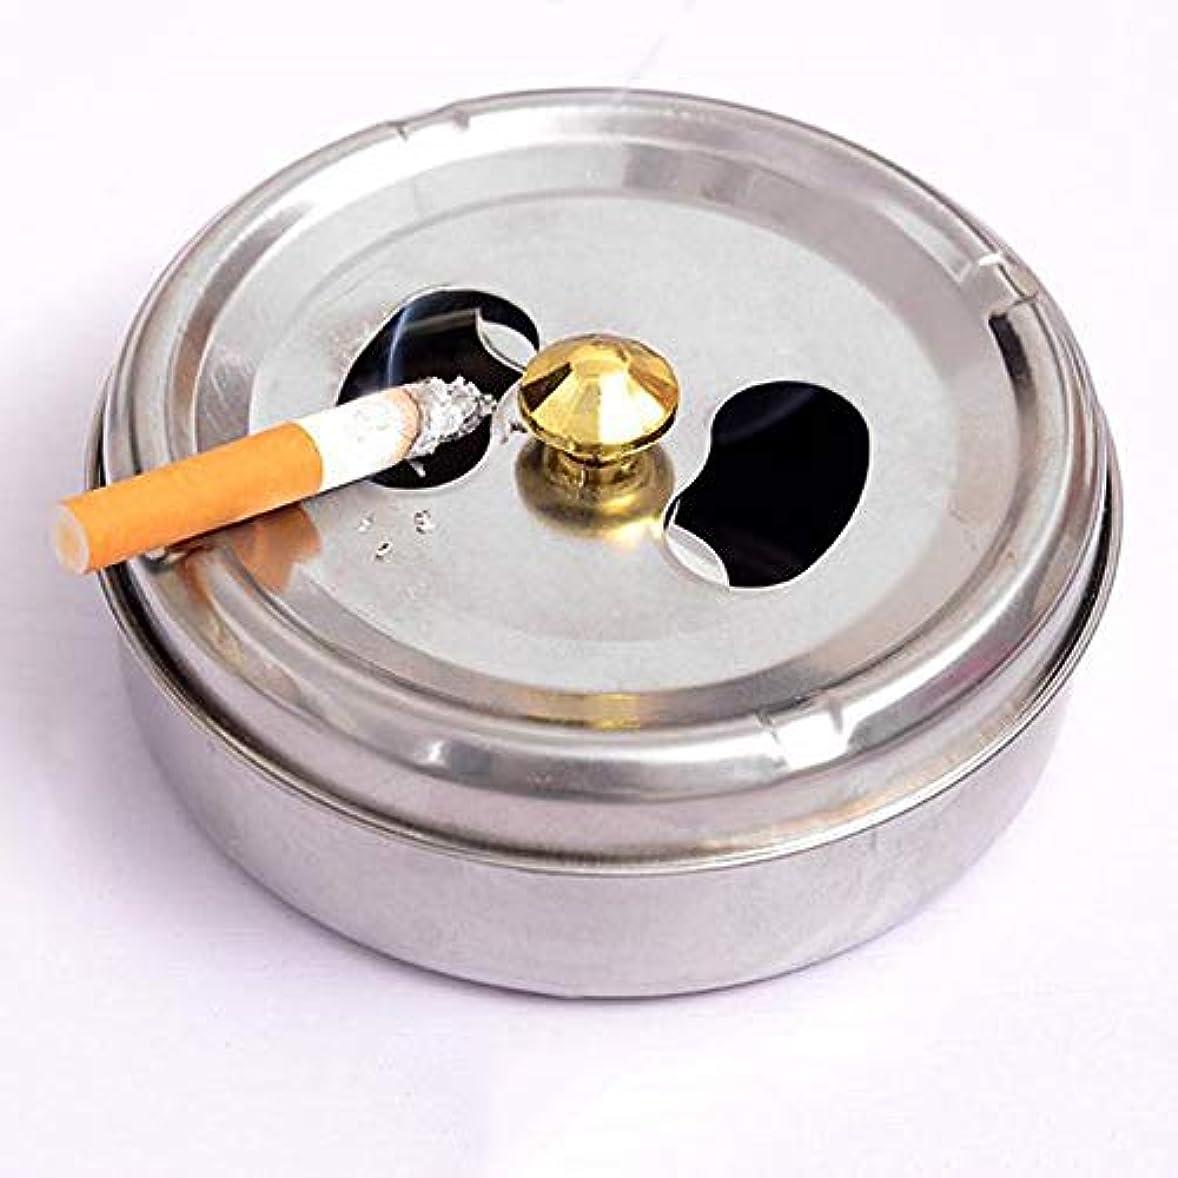 耳決定株式ステンレス鋼ドラム形状現代防風無煙卓上灰皿シガーシガー灰ホルダー付き蓋カバー (Size : L)